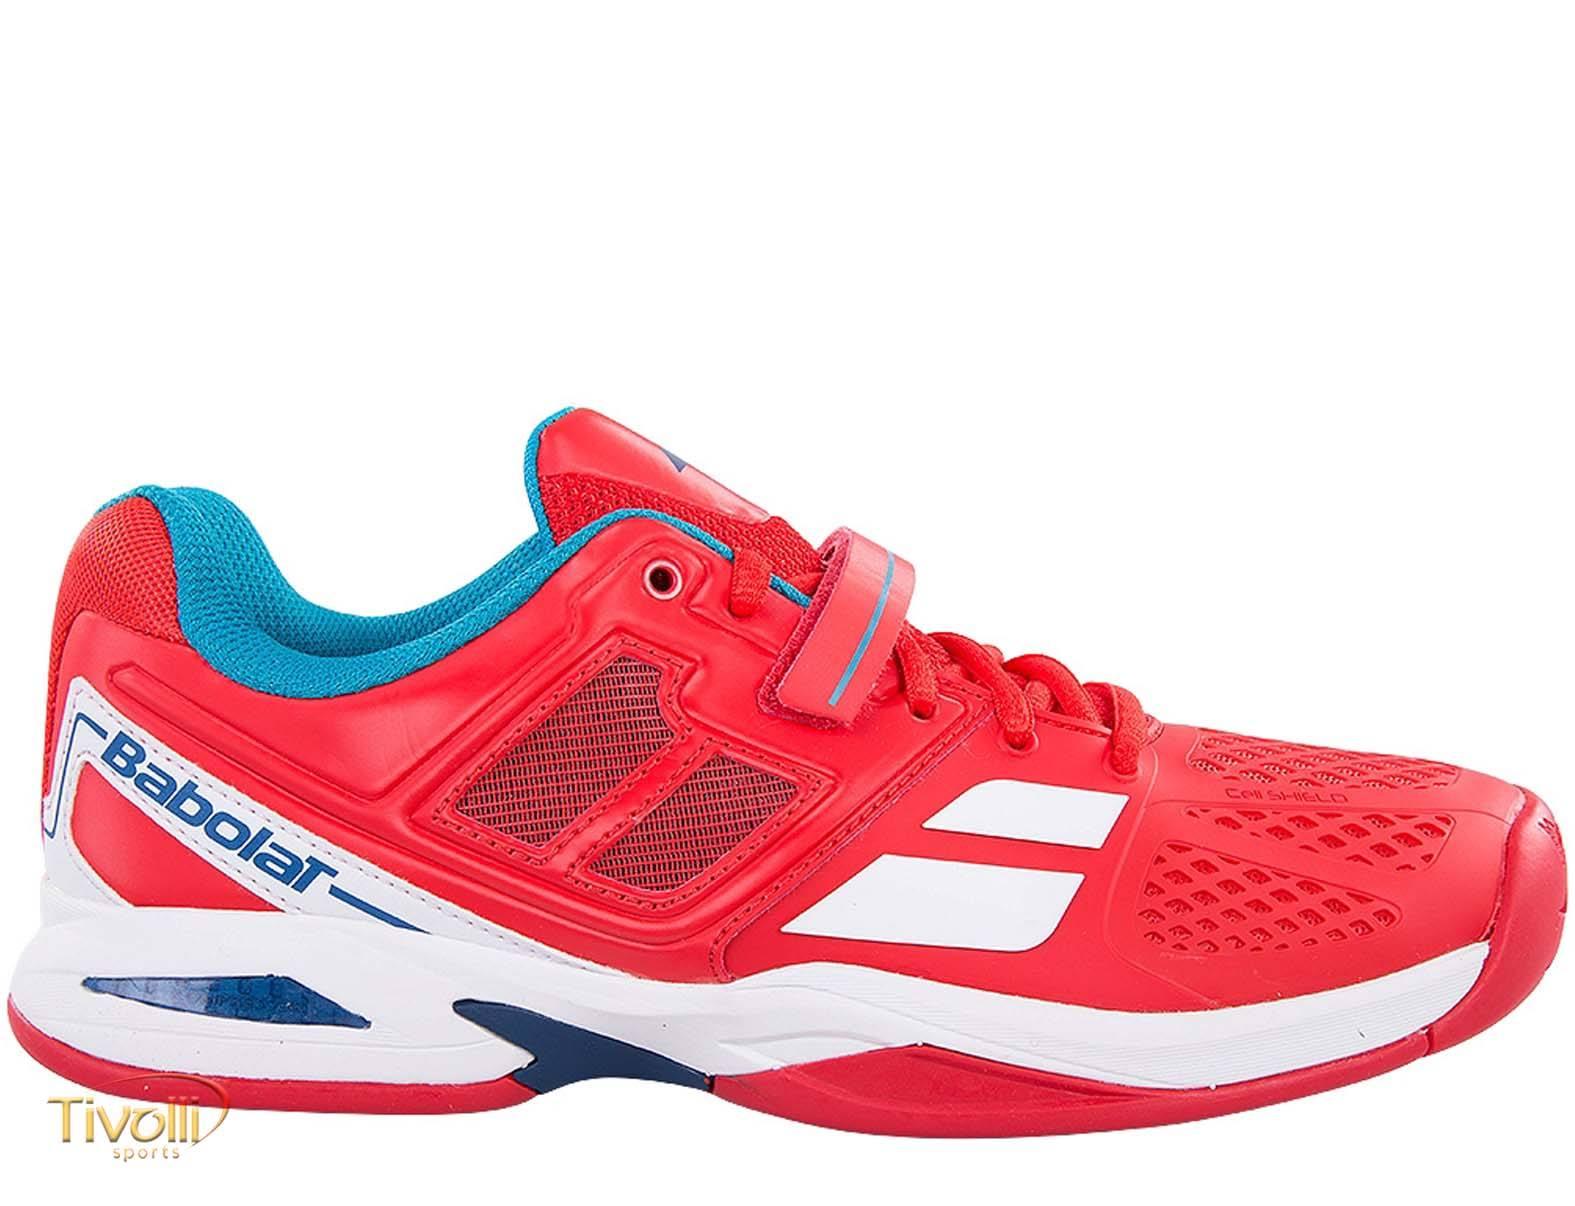 Raquete Mania   Tênis Babolat   Propulse BPM All Court Vermelho e Azul 78817f6f827f7